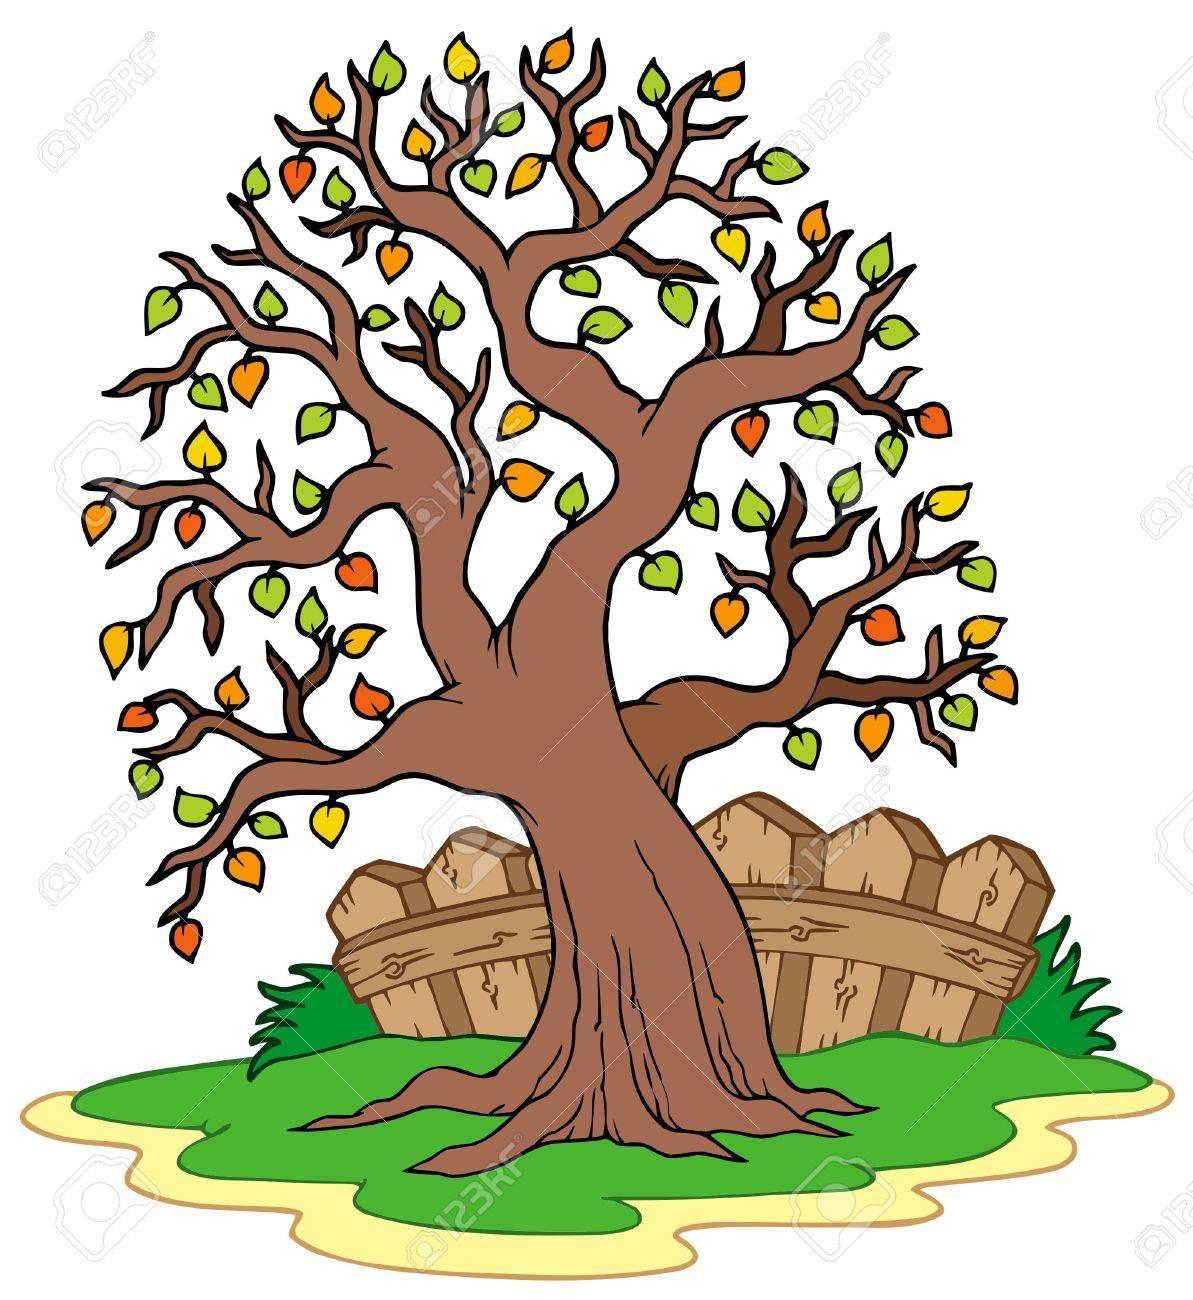 Grüner Baum Mit Zaun Vektor Illustration Lizenzfrei Nutzbare